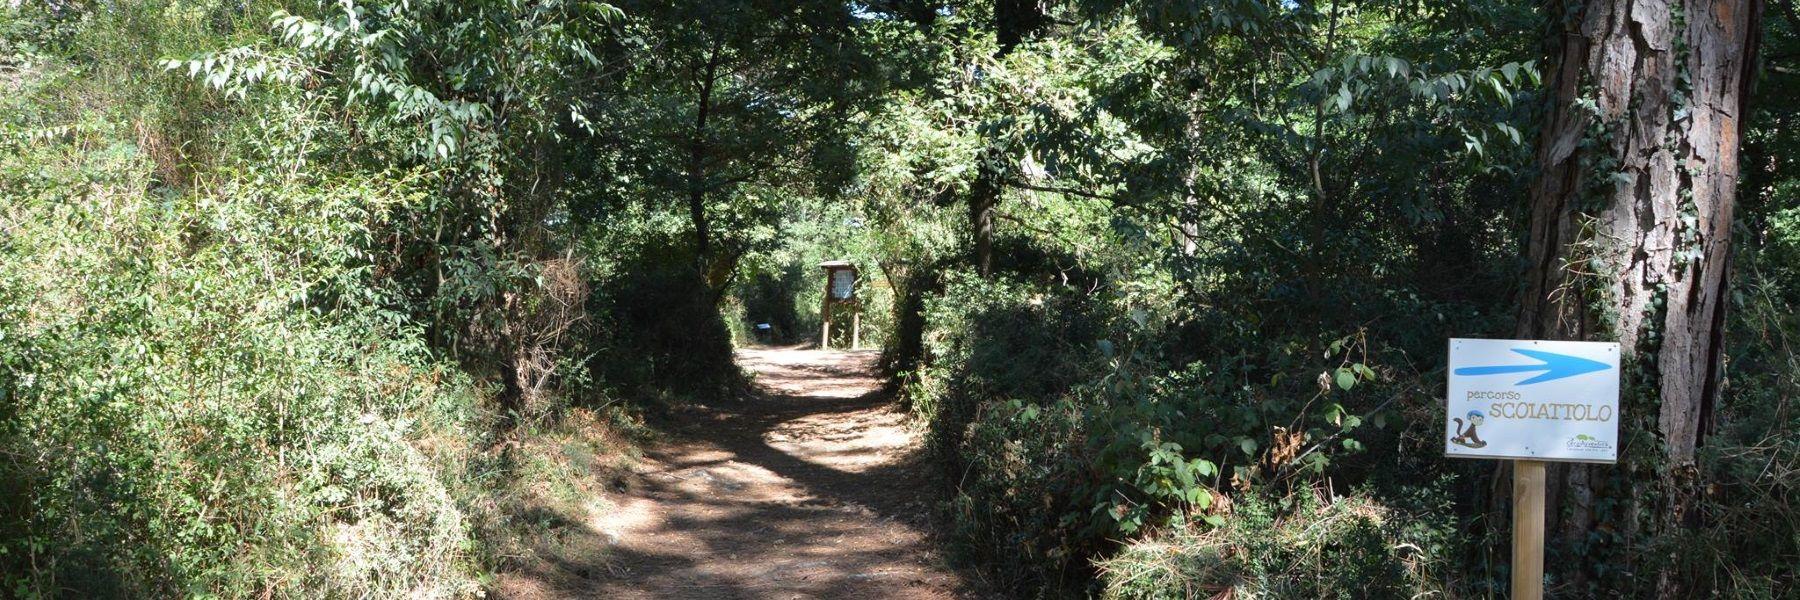 Visites guidées au Parc Naturel